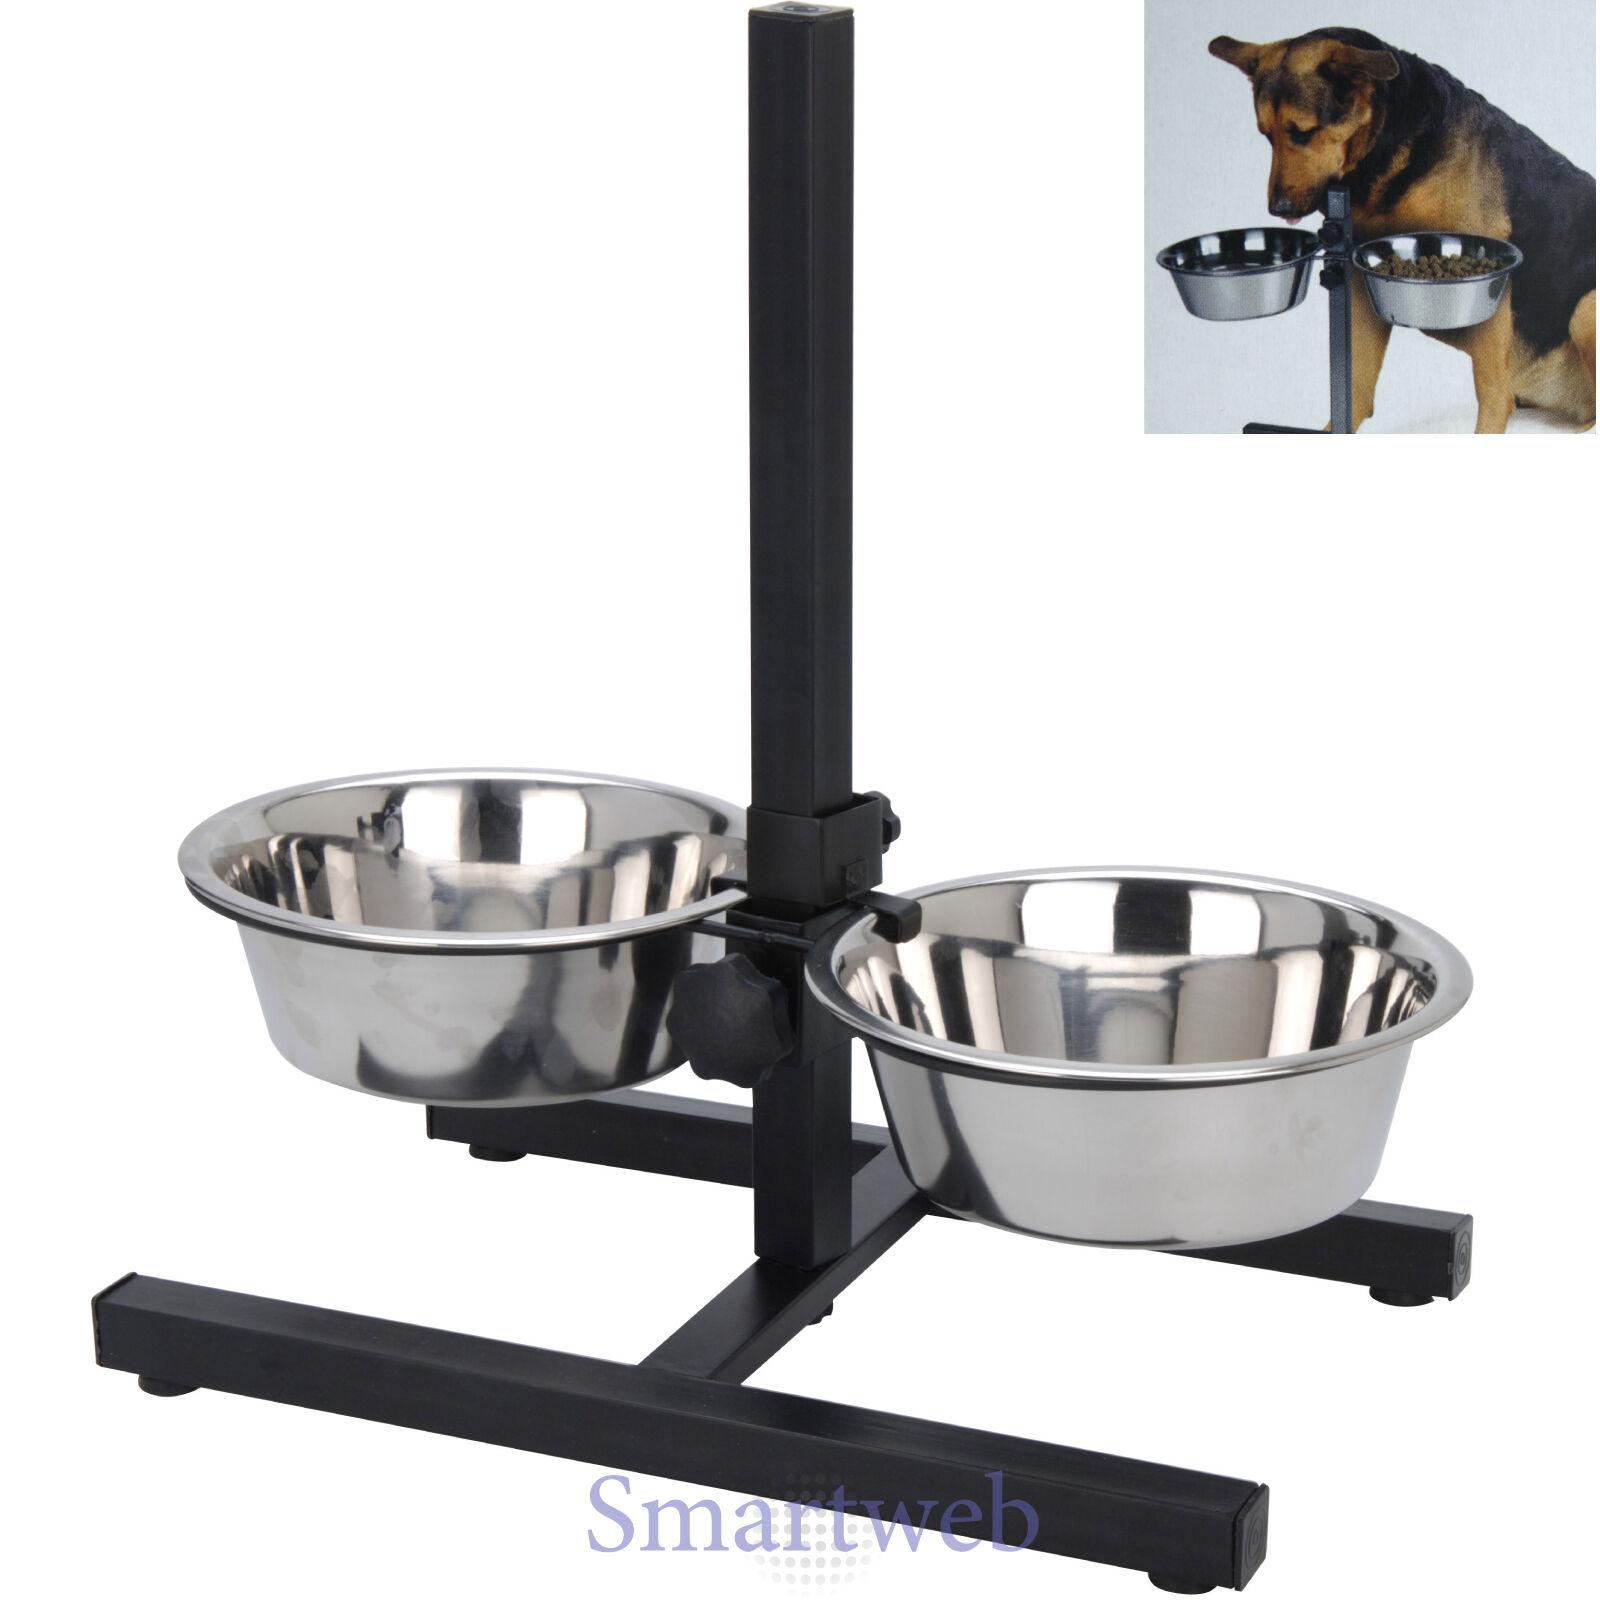 Futterstation Fressnapf Futternapf Wassernapf Napf Hundenapf Gusseisen Antik